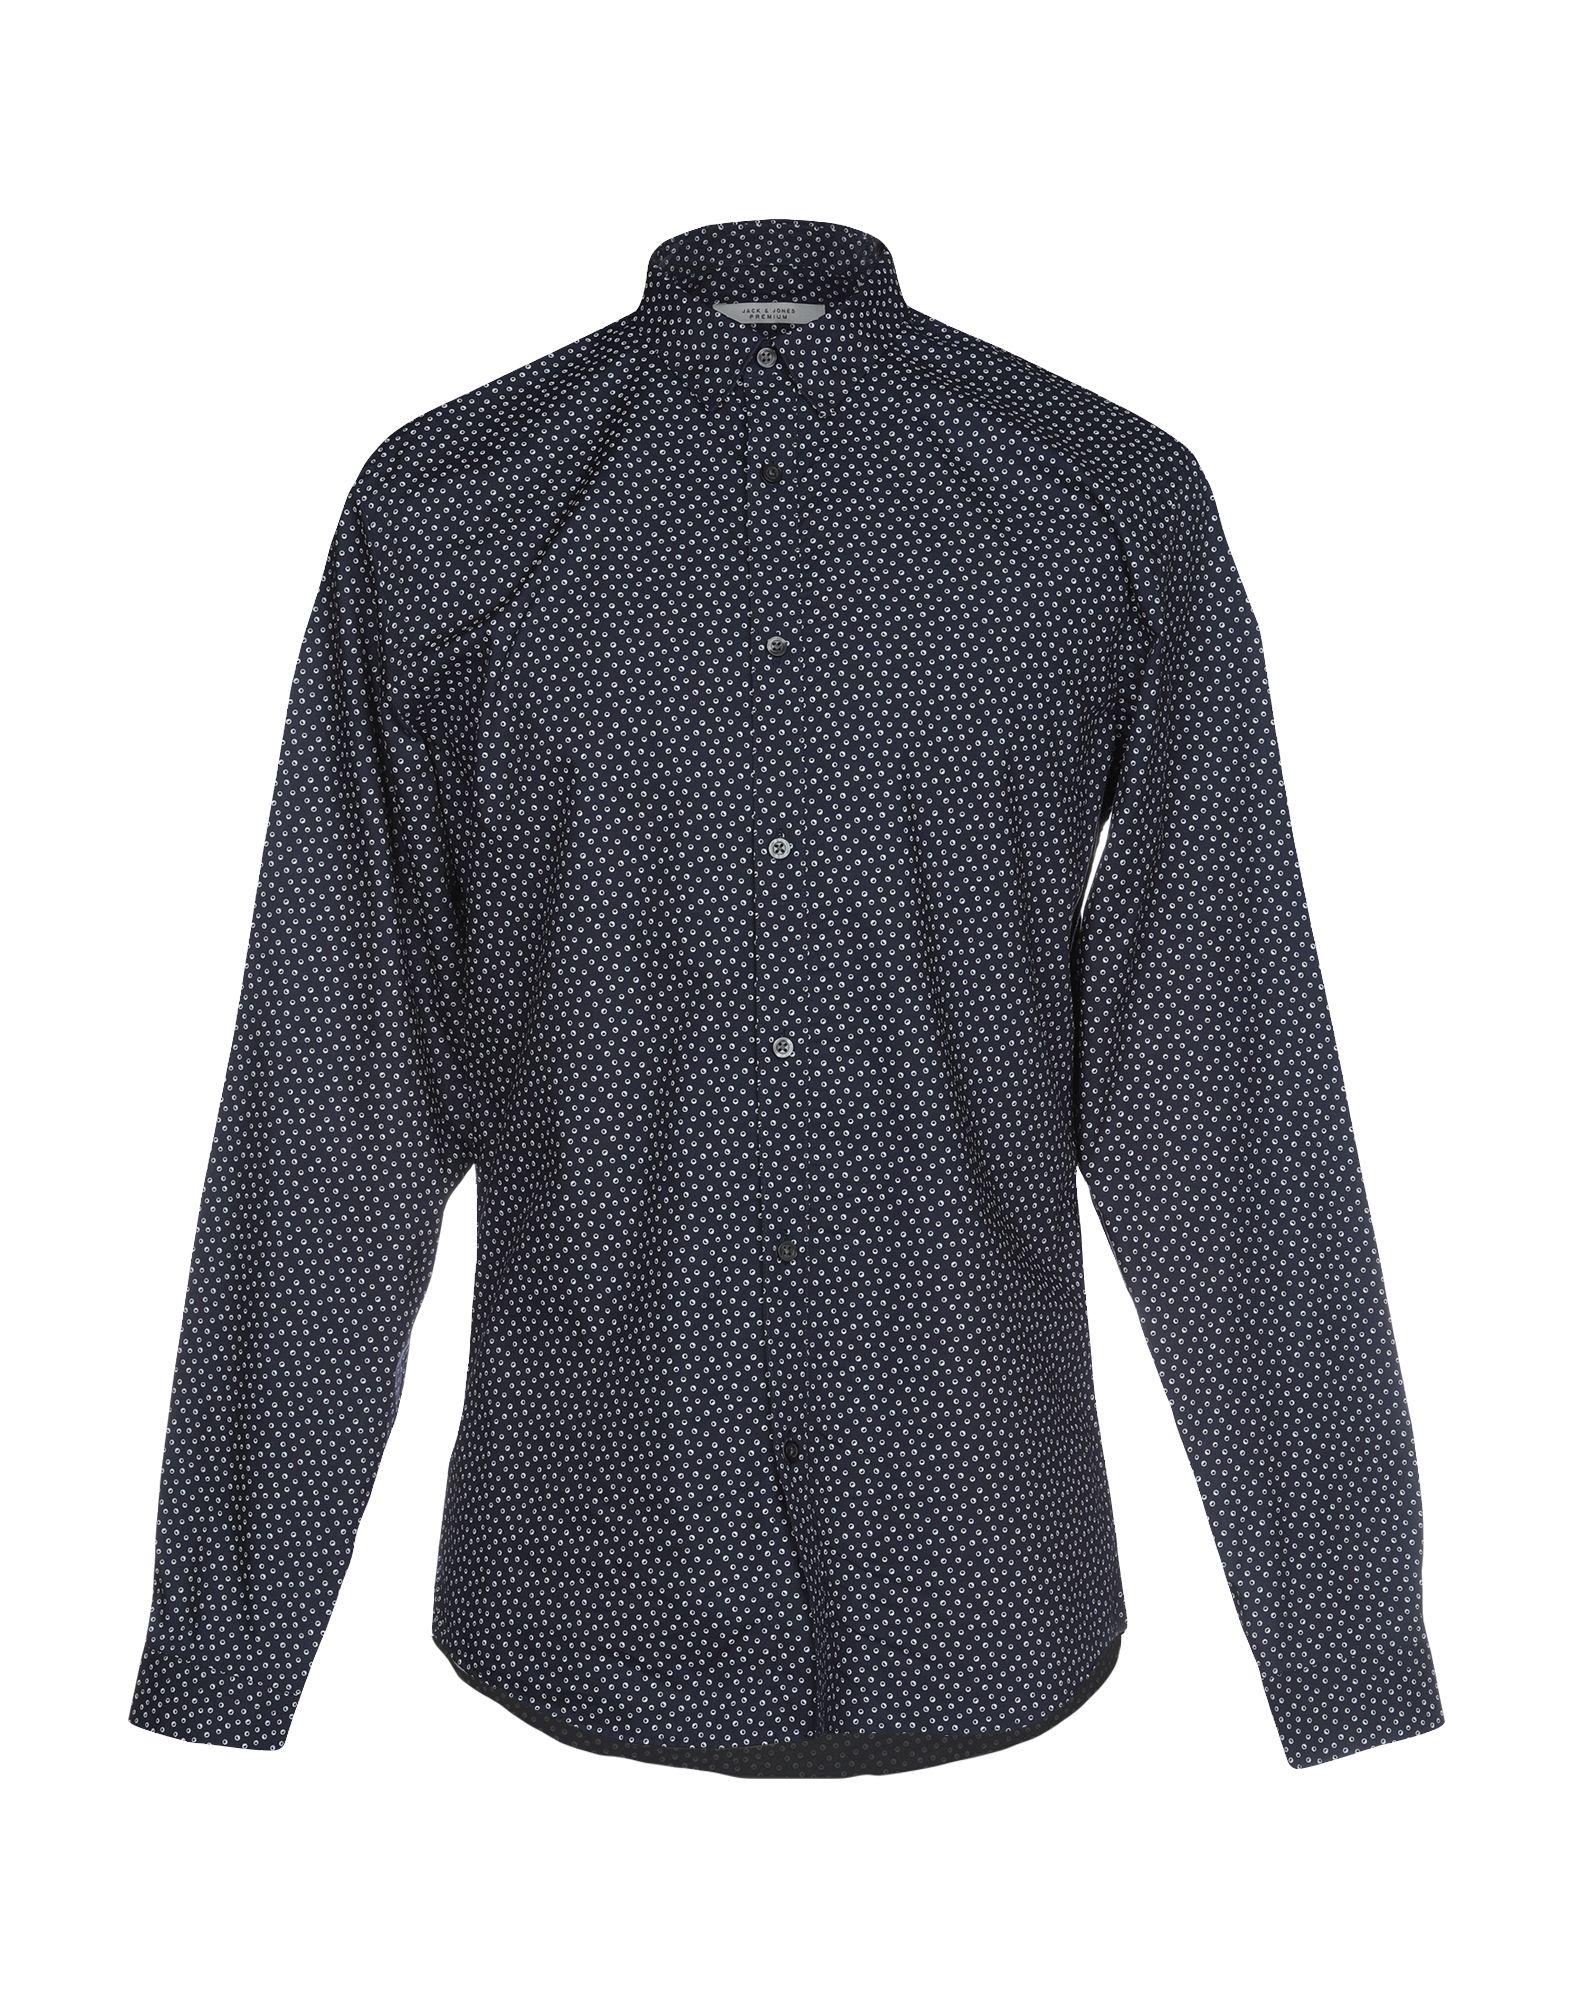 《期間限定セール開催中!》JACK & JONES PREMIUM メンズ シャツ ダークブルー 38 コットン 100%